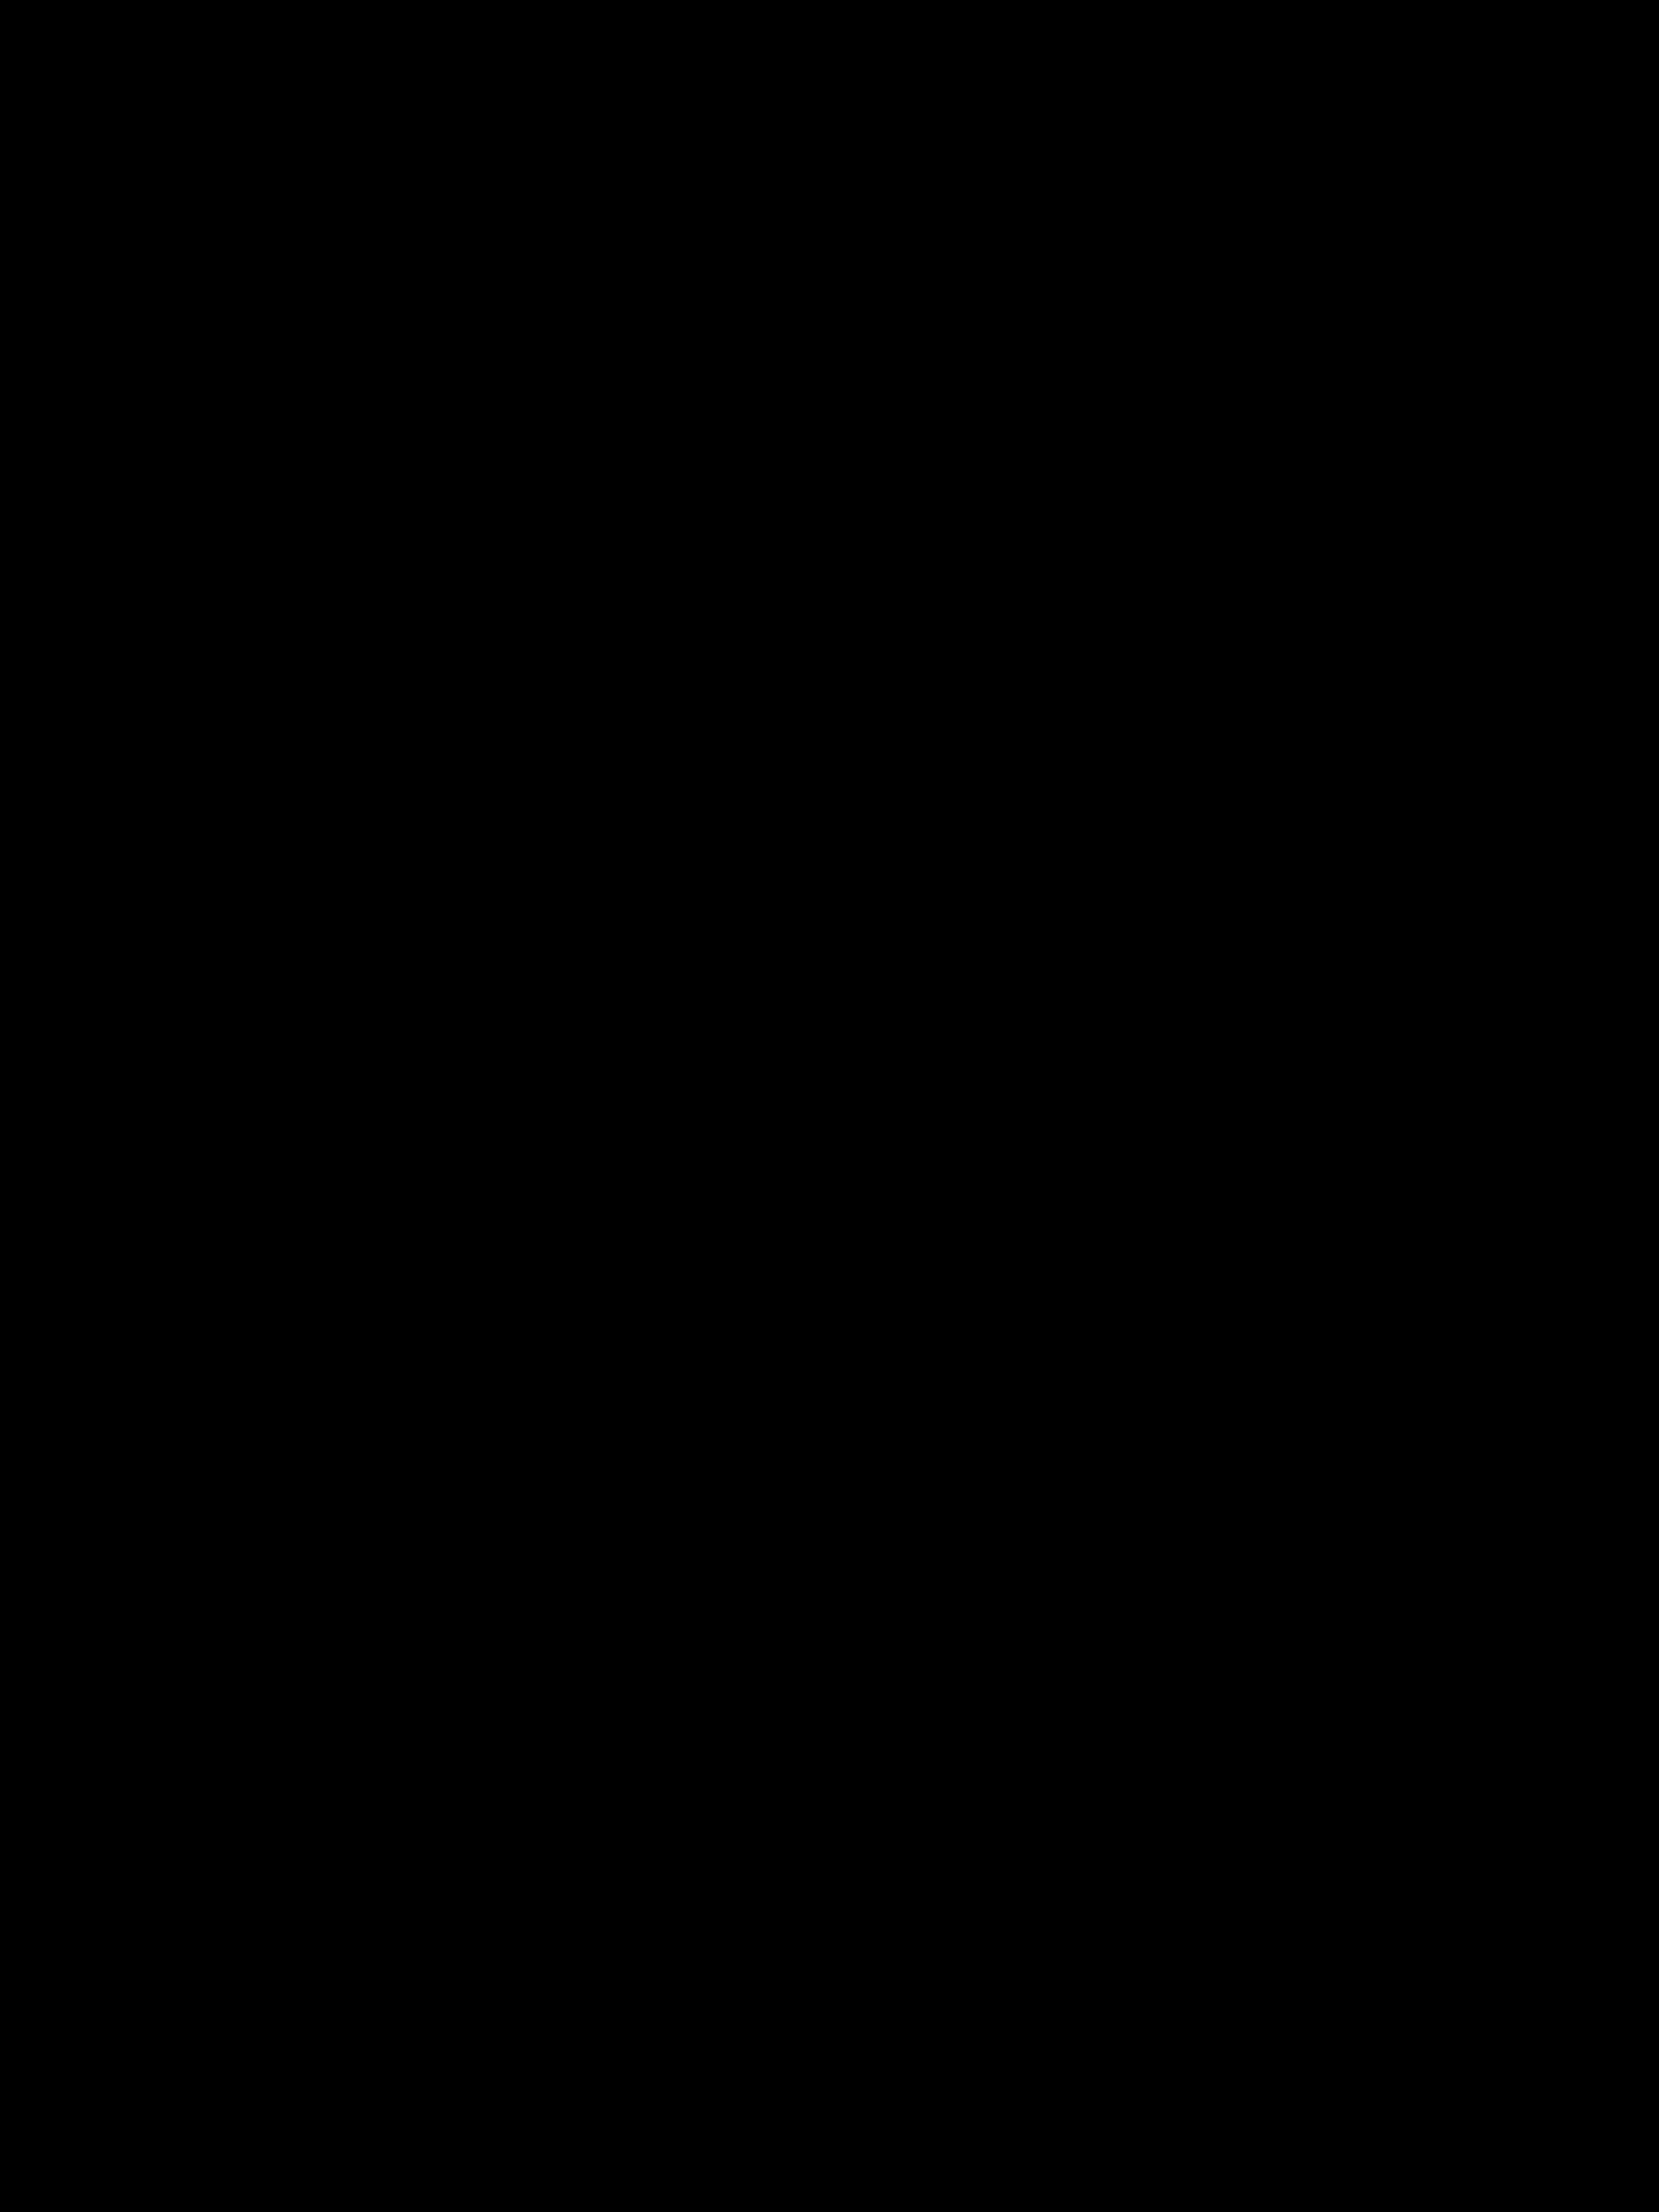 DPMMA29520 – DISCO PMMA COLORE A2 mm 95×20 PER PROVVISORI